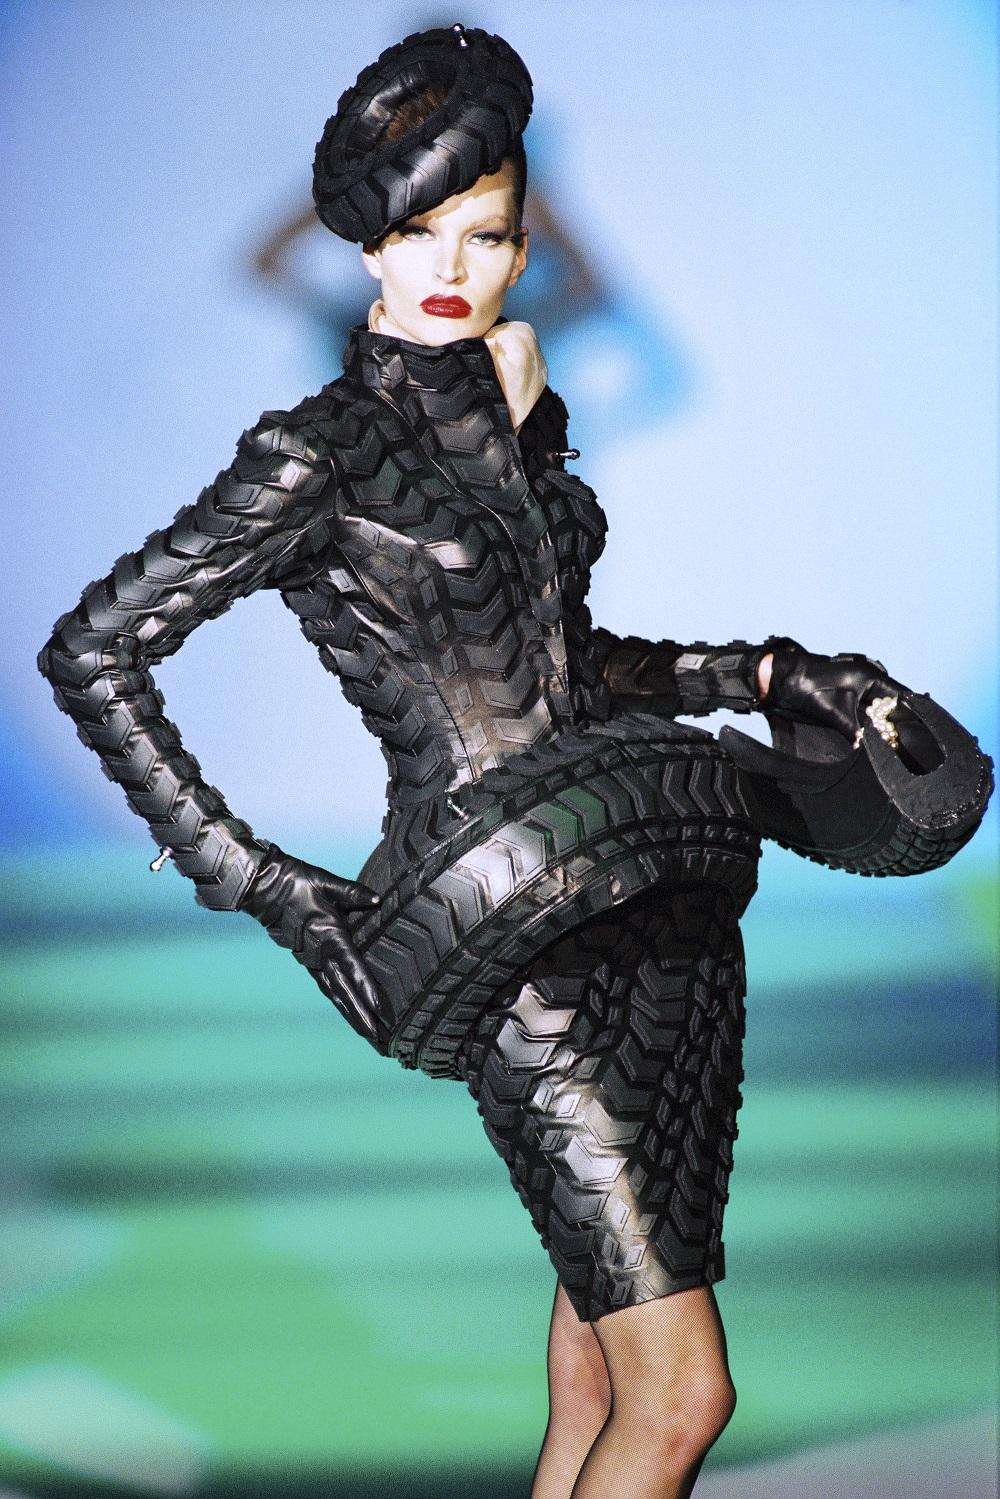 Collection « Les Insectes », haute couture printemps-été 1997 Tailleur en caoutchouc, effet « pneu ». Collaboration avec Abel Villarreal